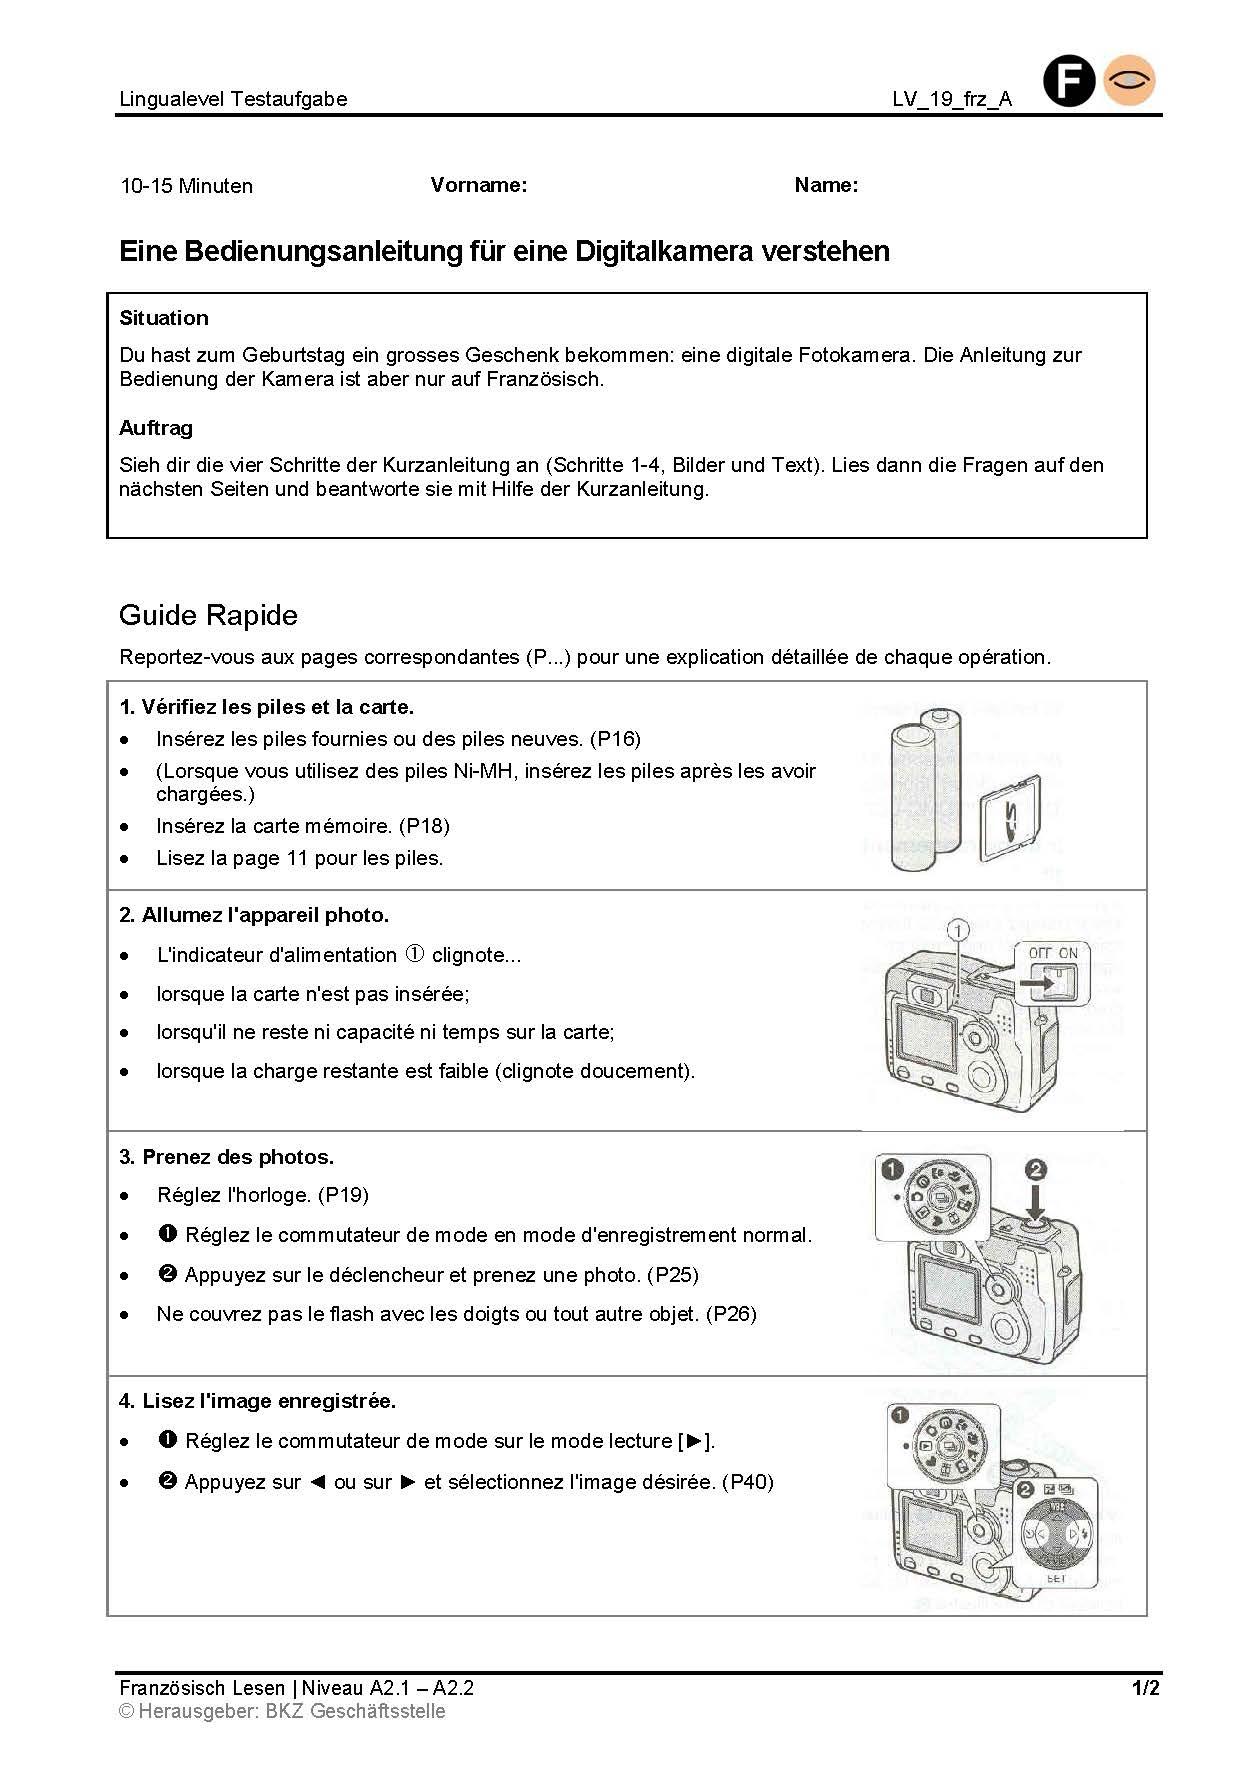 Preview image for LOM object Eine Bedienungsanleitung für eine Digitalkamera verstehen